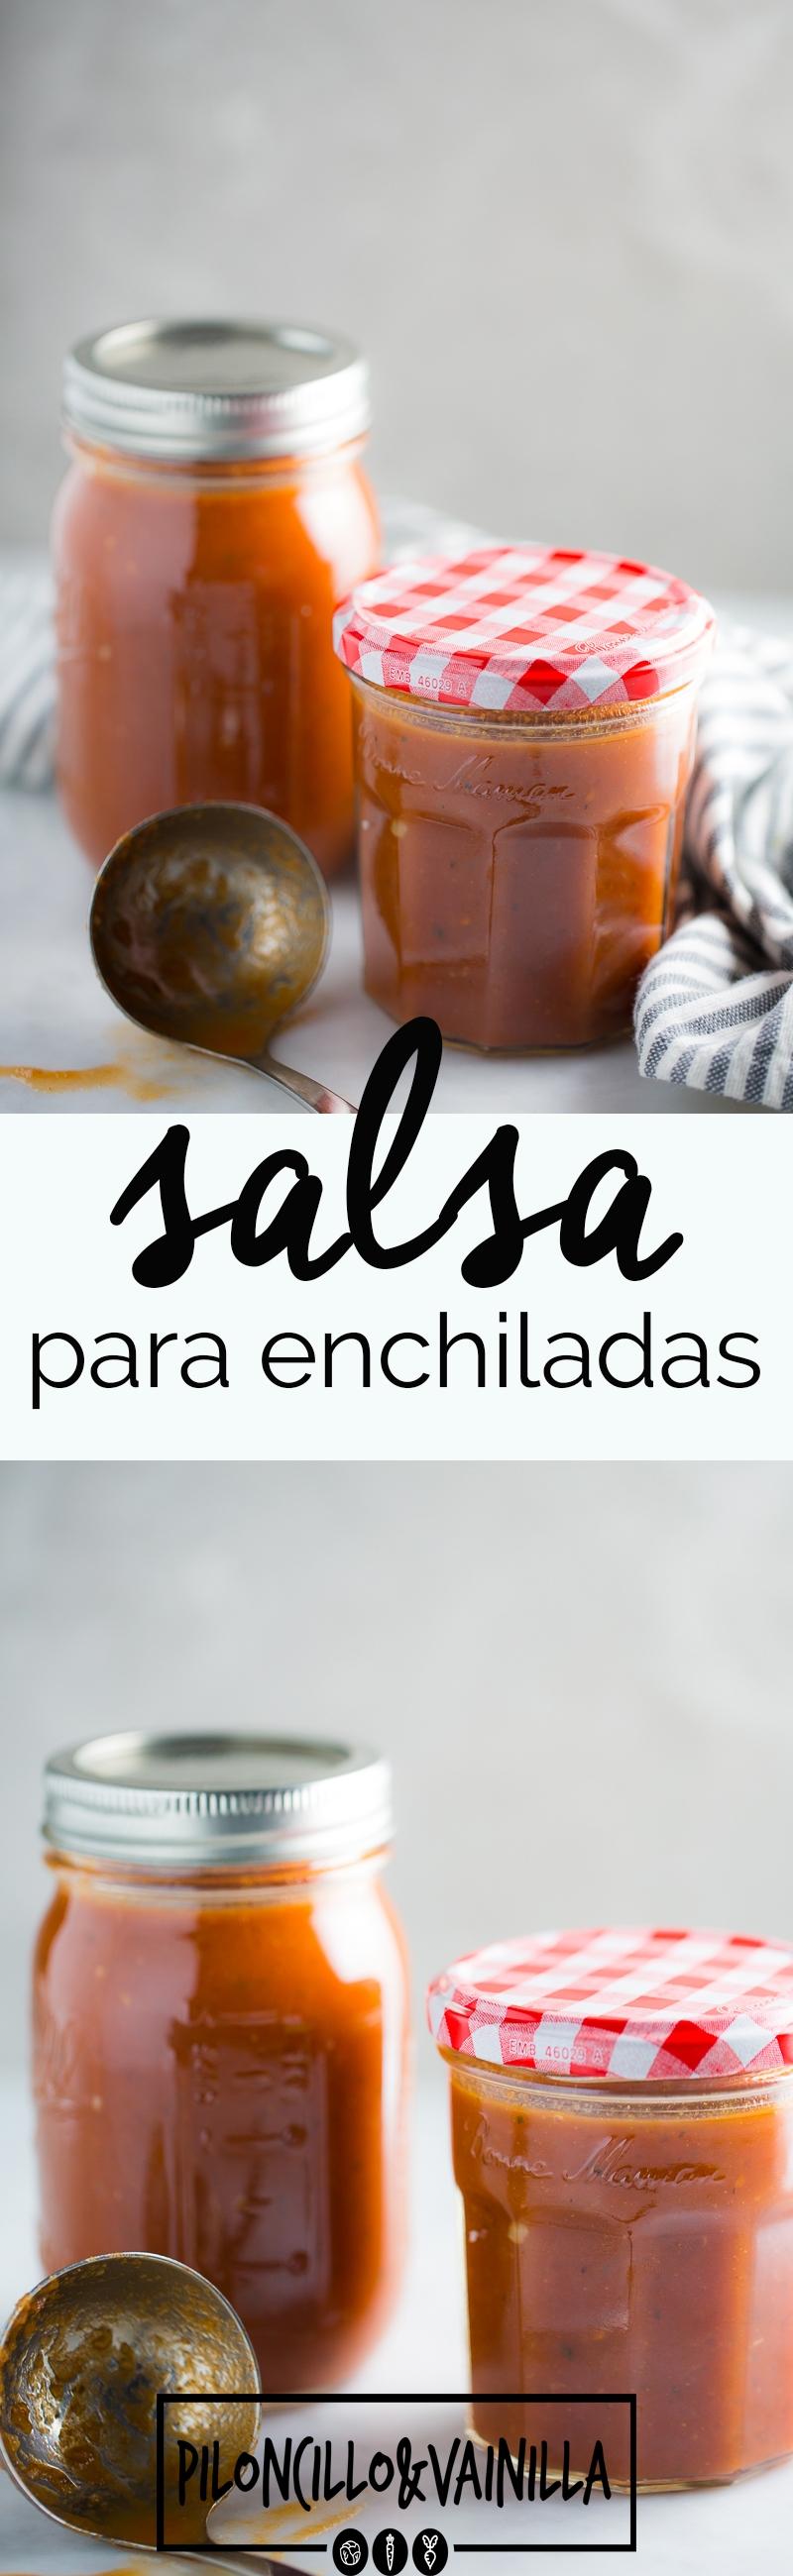 Salsa para enchiladas, perfecta para hacer cualquier receta mexicana deliciosa y auténtica.